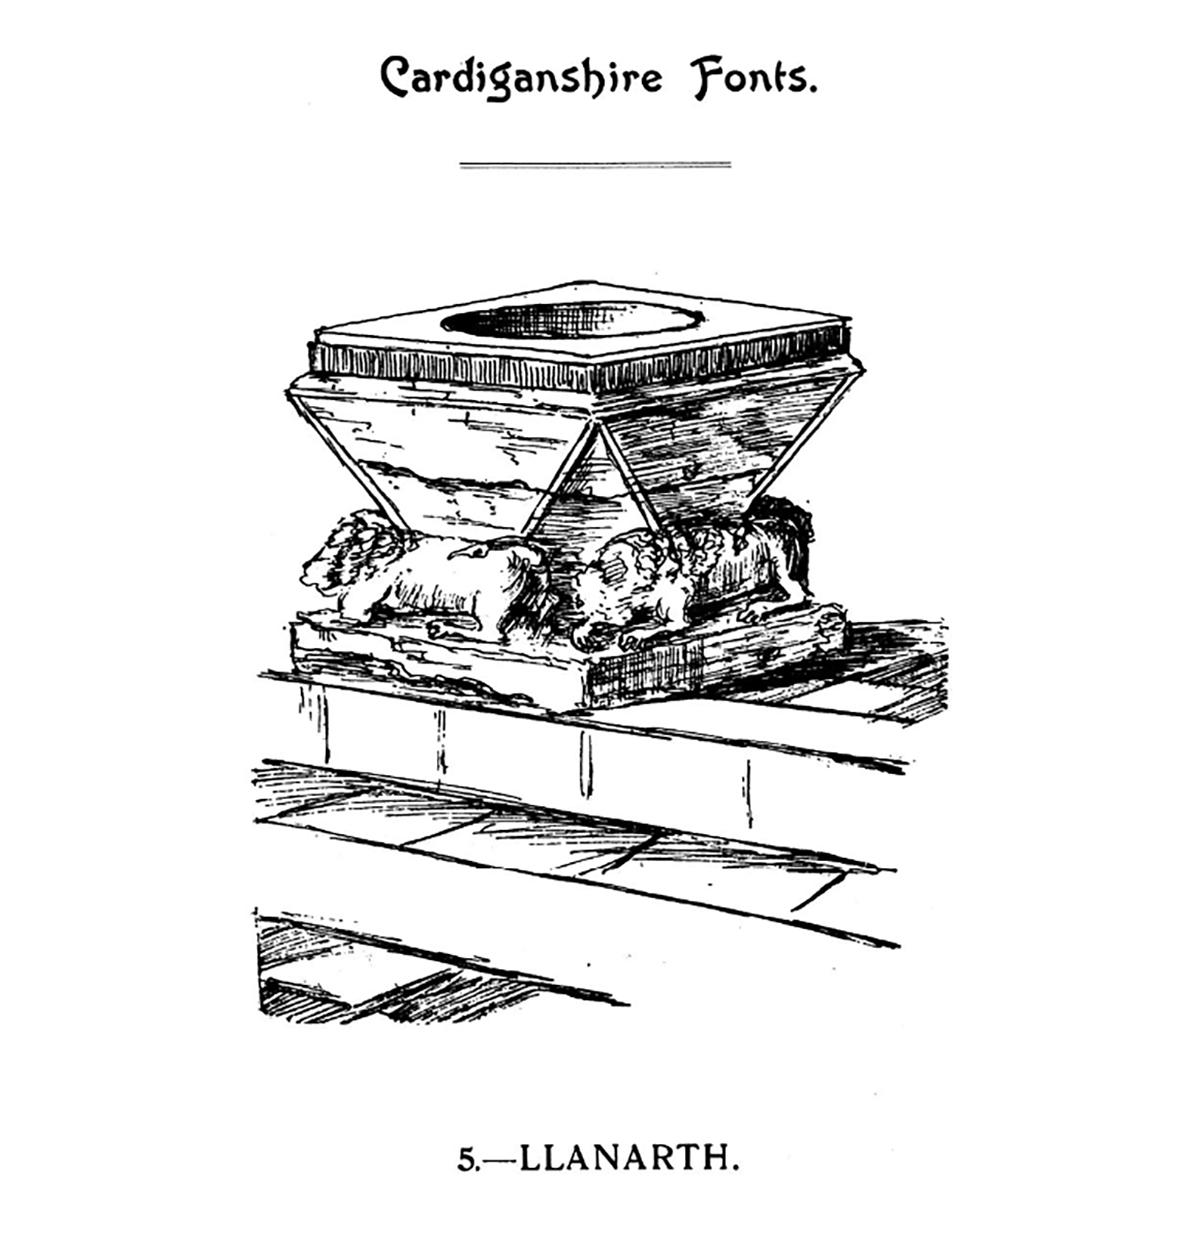 Cardiganshire Fonts - Llanarth